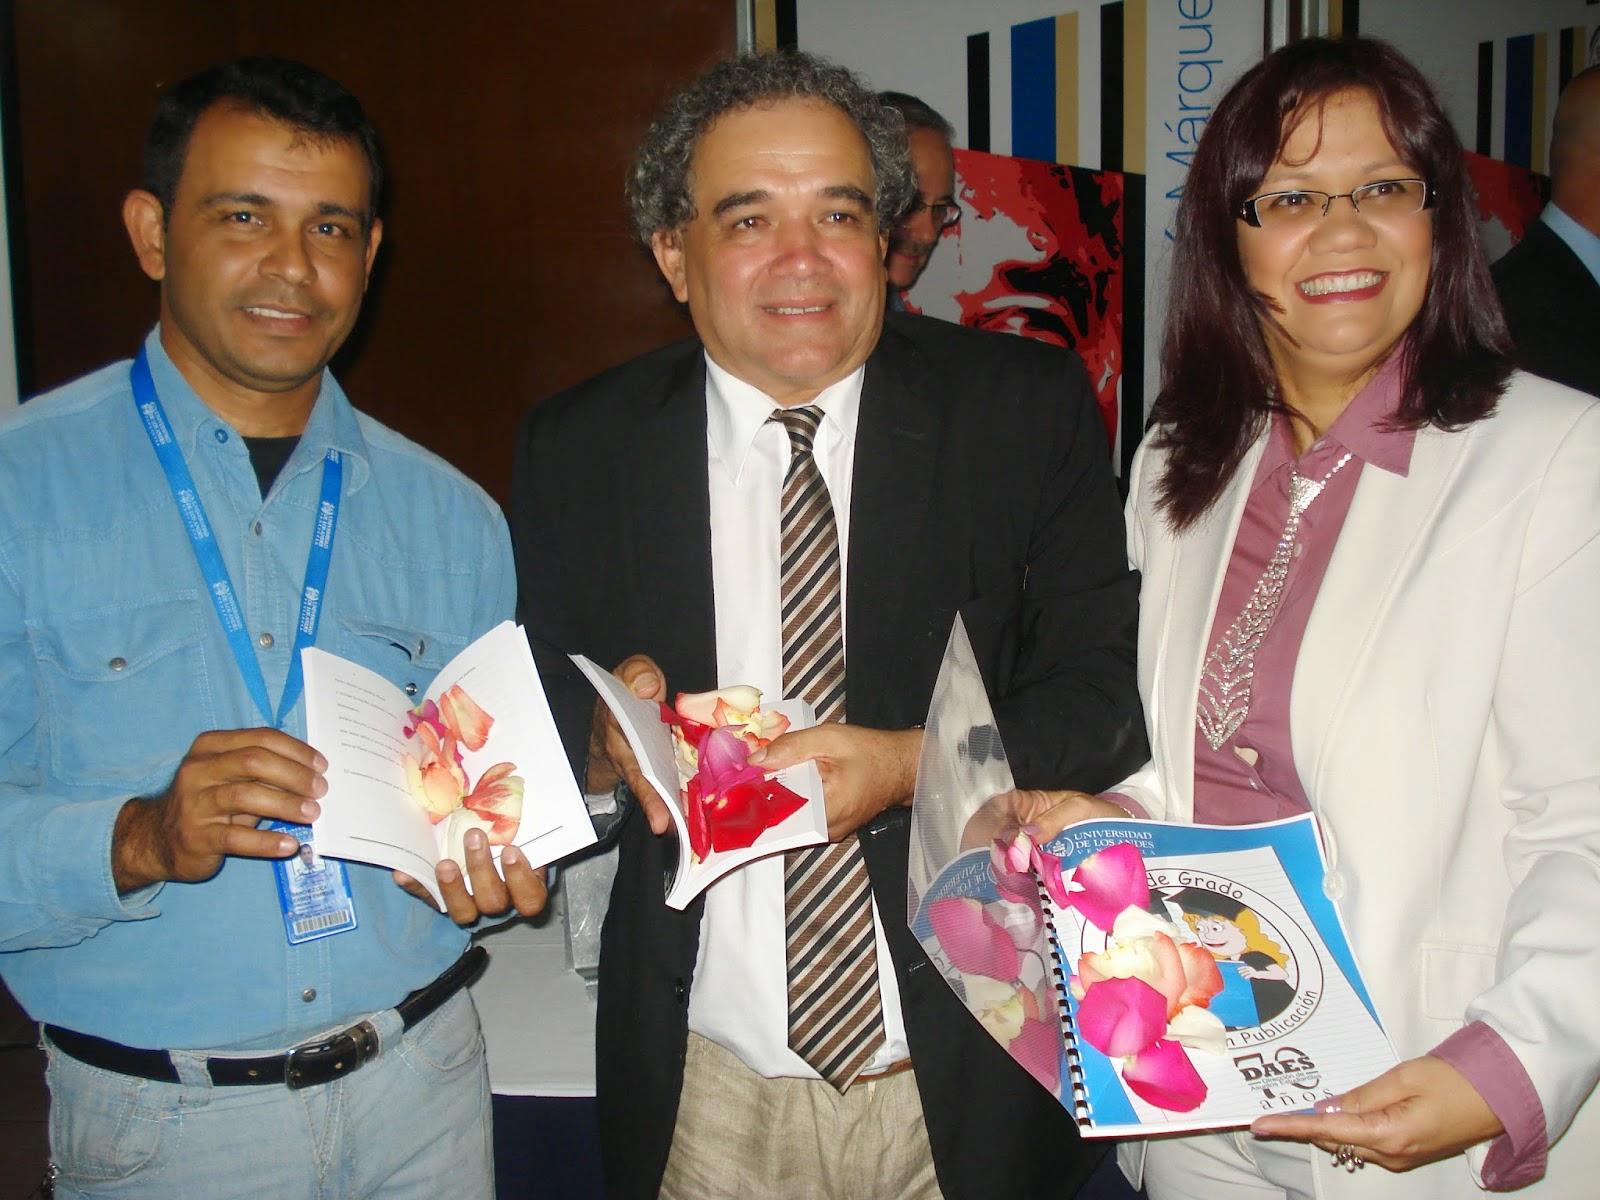 Los libros bautizados corresponden a la compilación de los textos ganadores de Concursos Literarios 2012 y 2013.